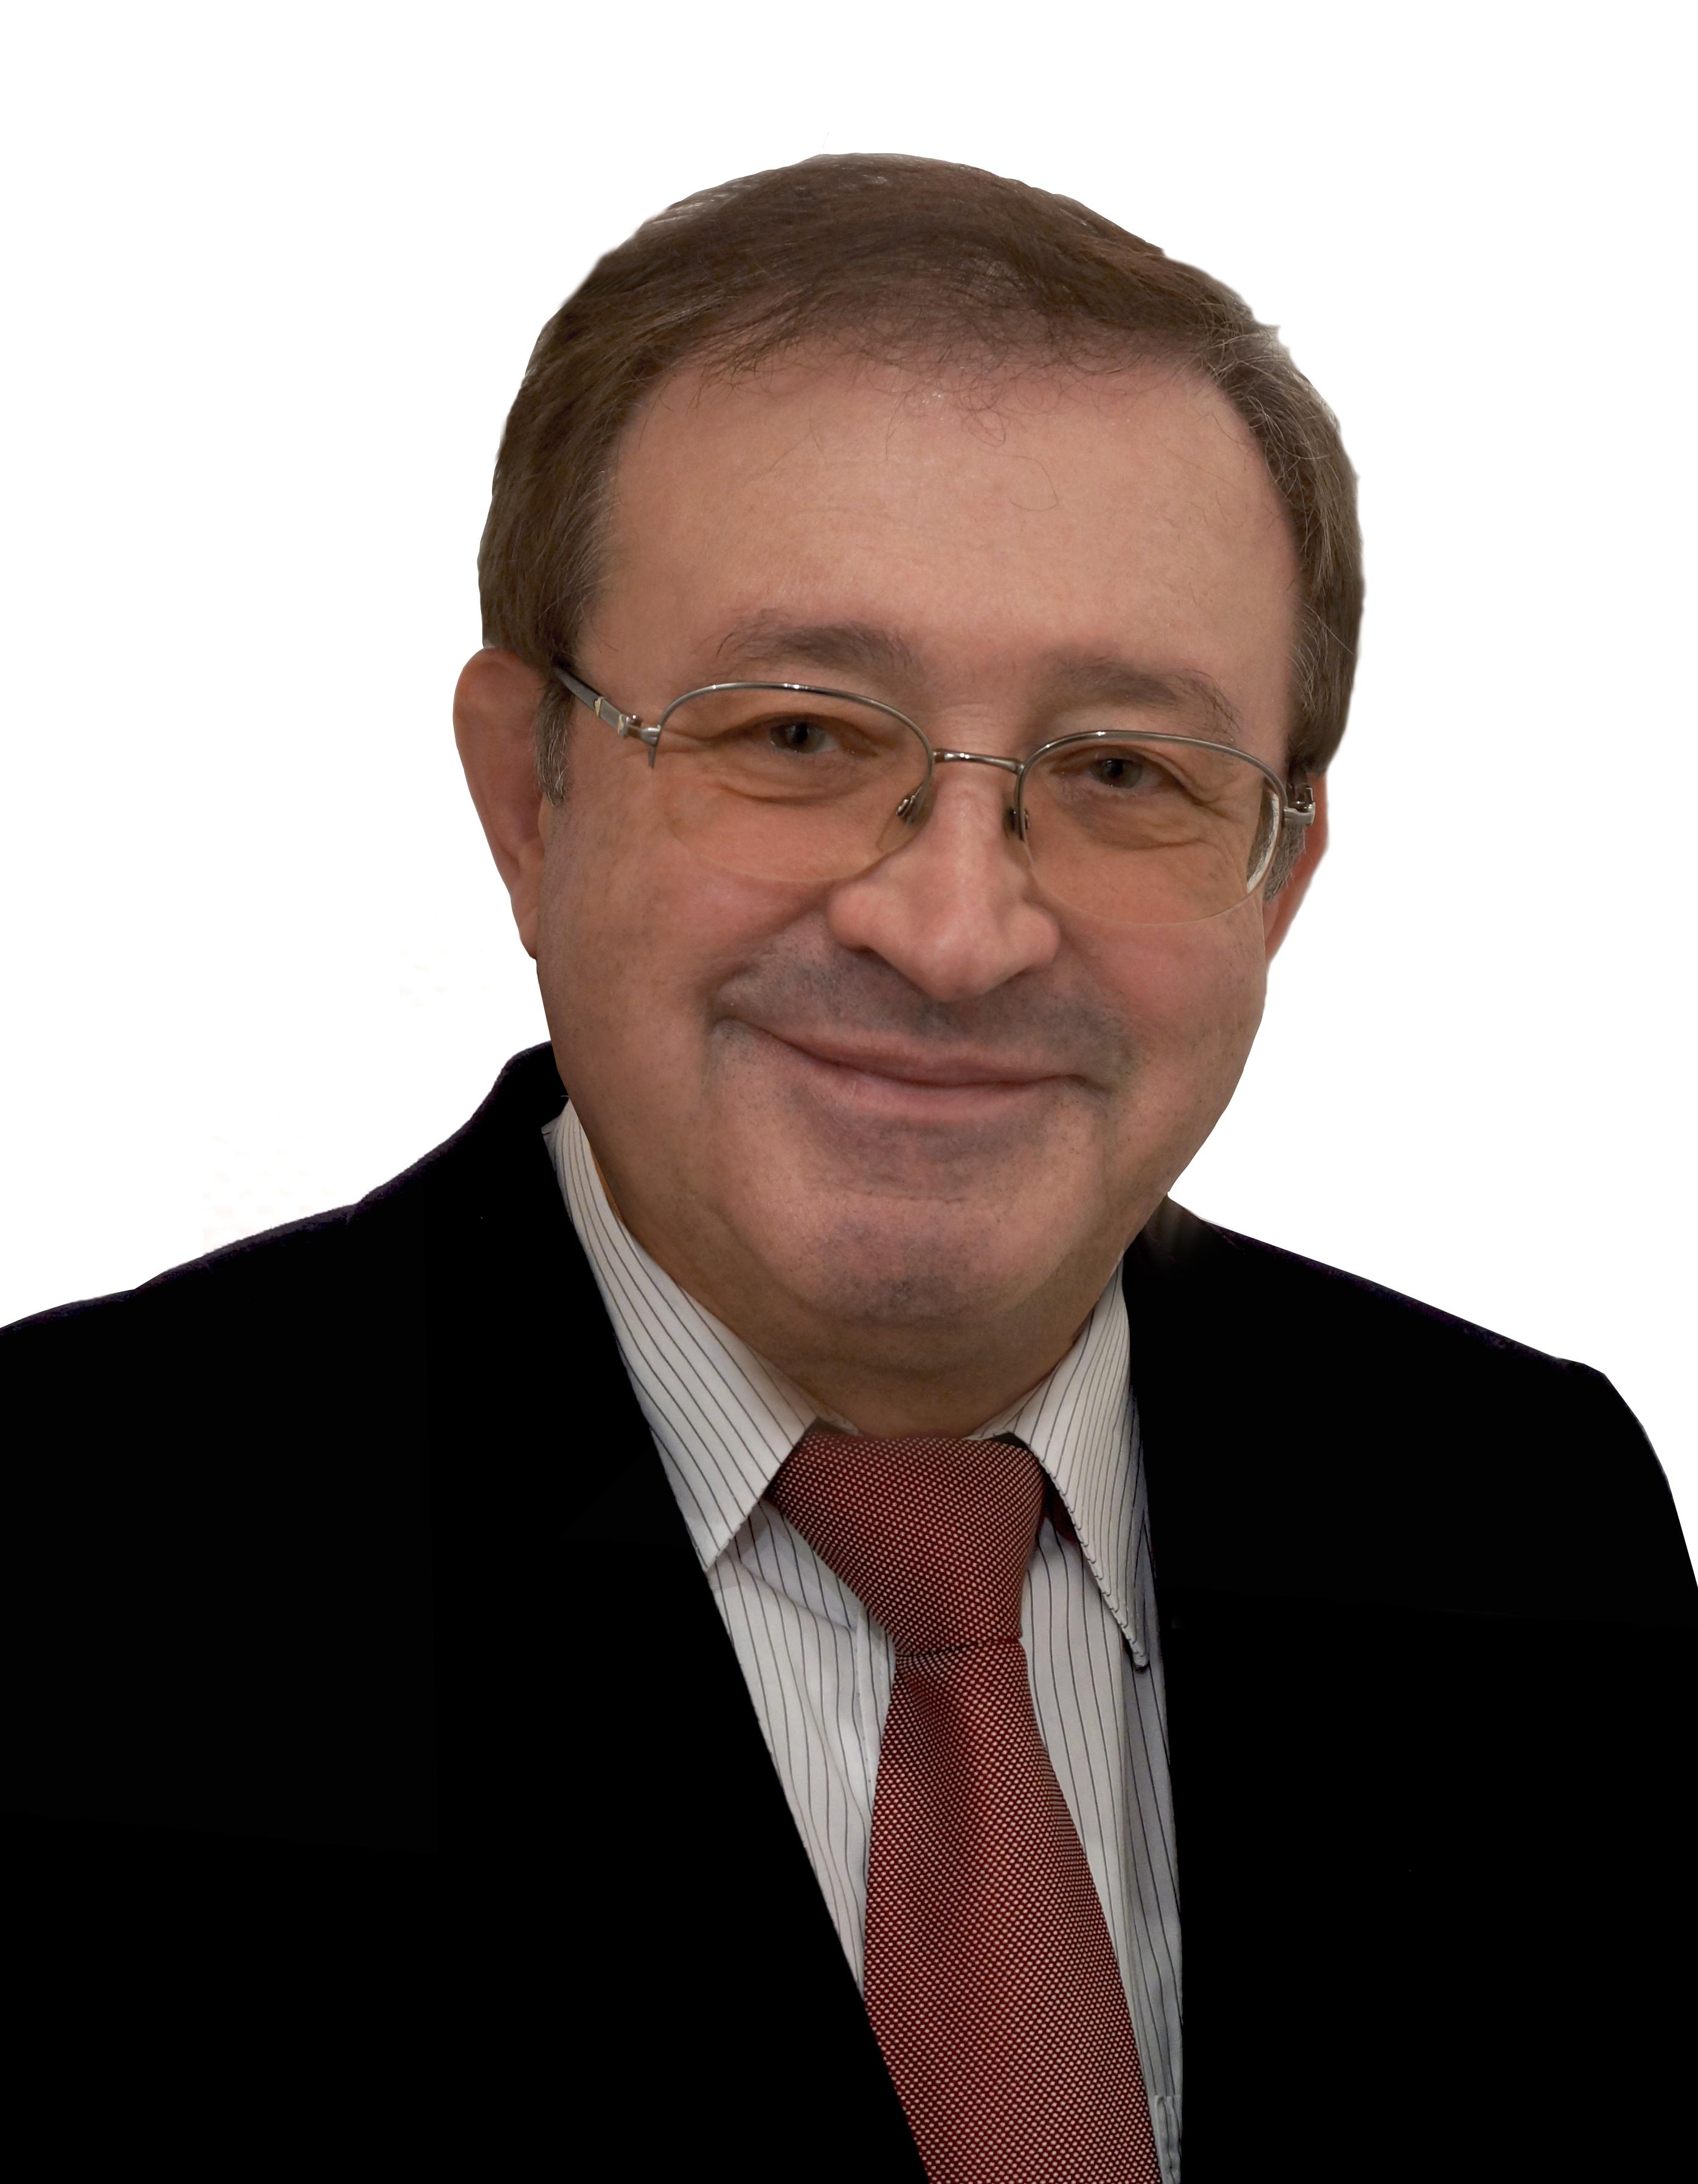 Juergen Wichelhaus picture